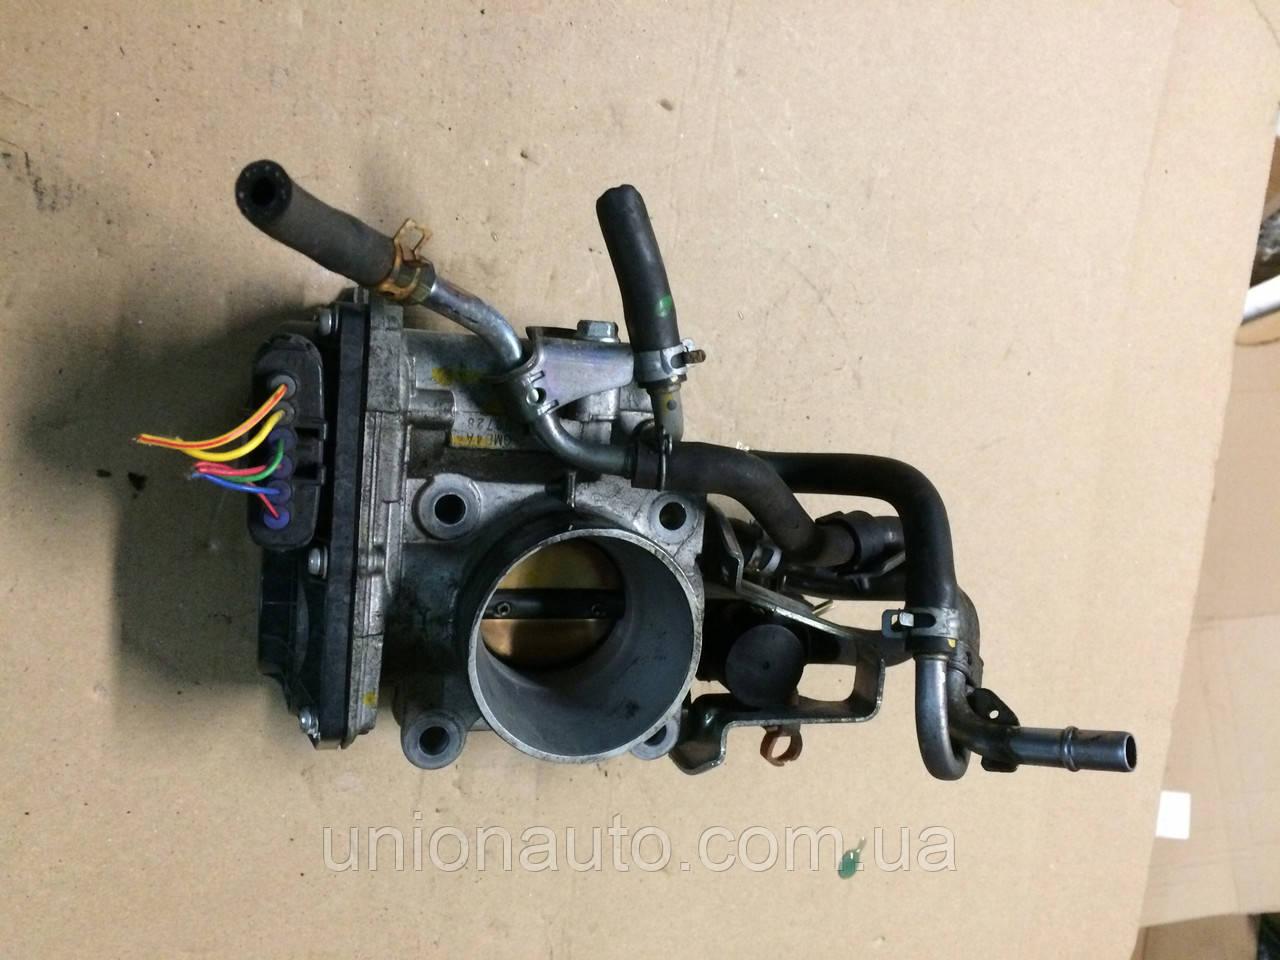 Дроссельная заслонка GMD4A HONDA JAZZ III 08-14r